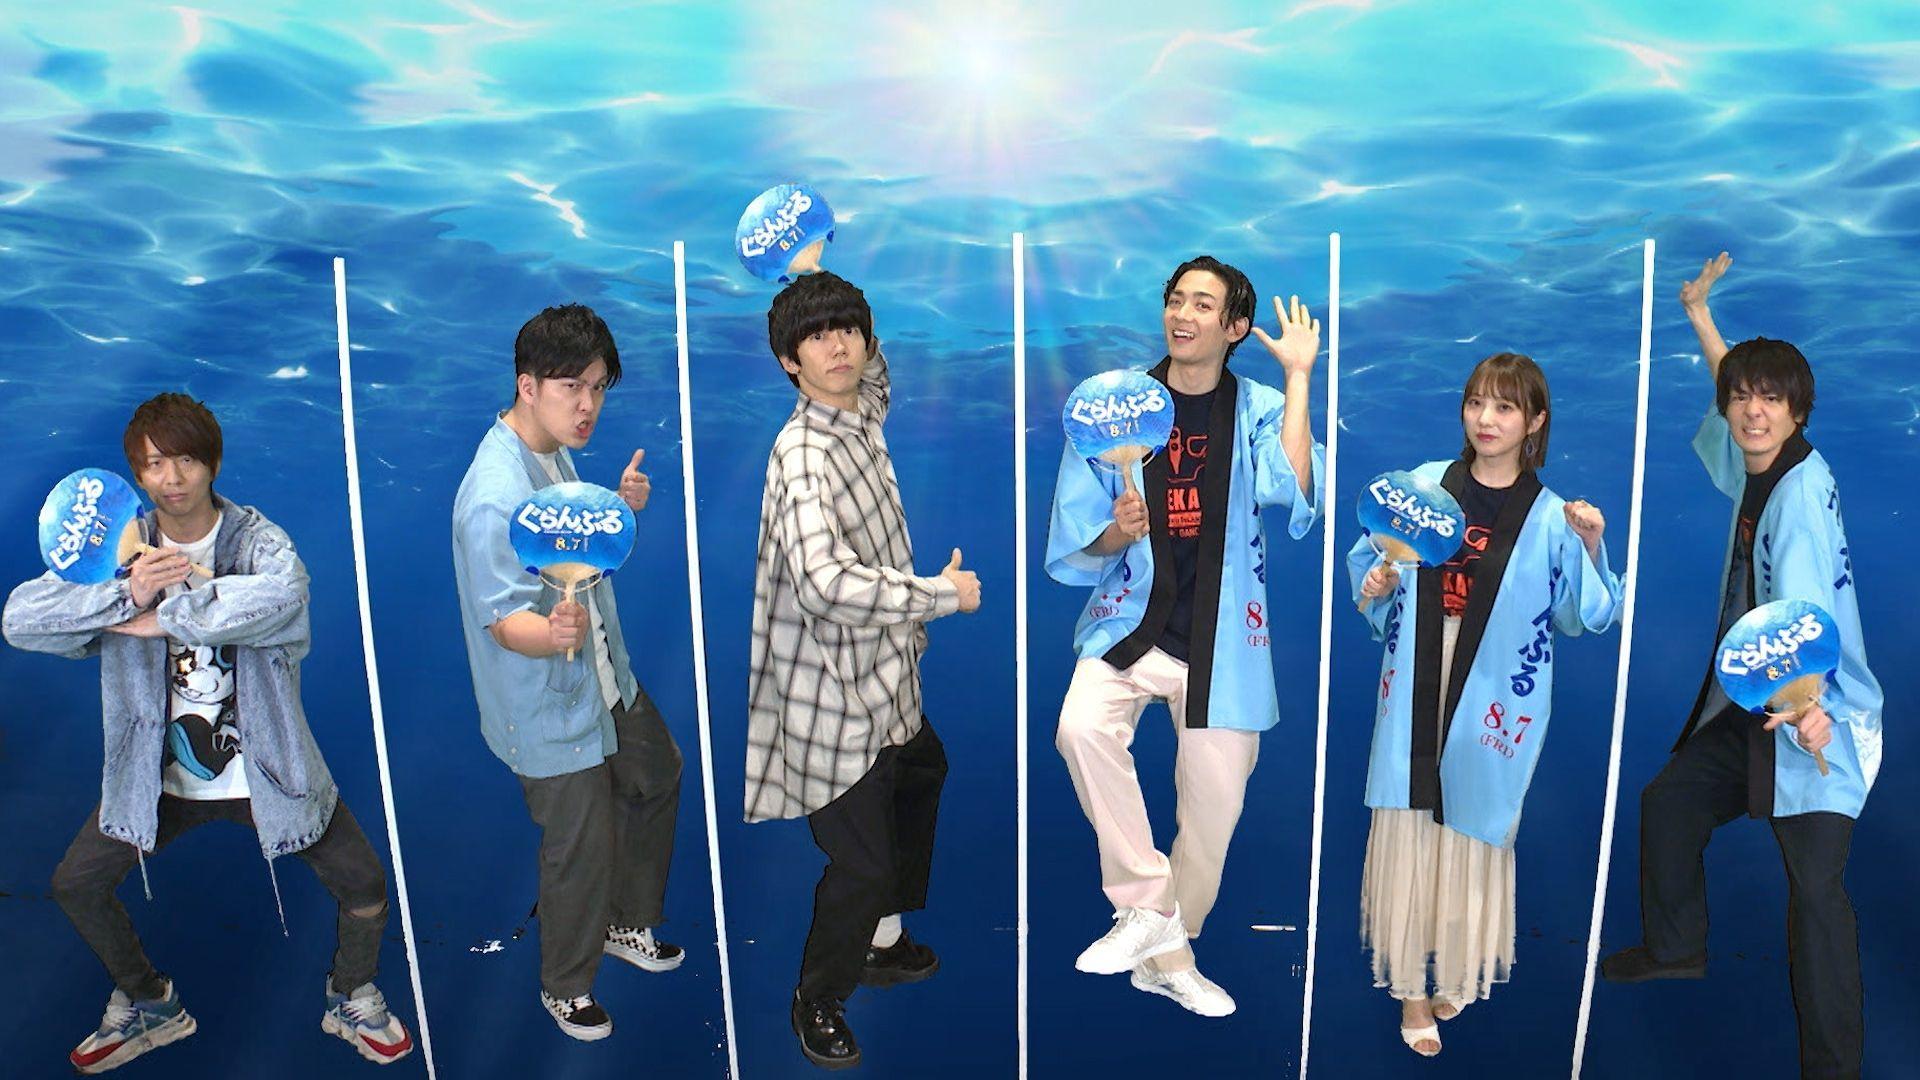 左から、木村良平、sumika小川貴之・片岡健太、竜星涼、乃木坂46与田祐希、犬飼貴丈